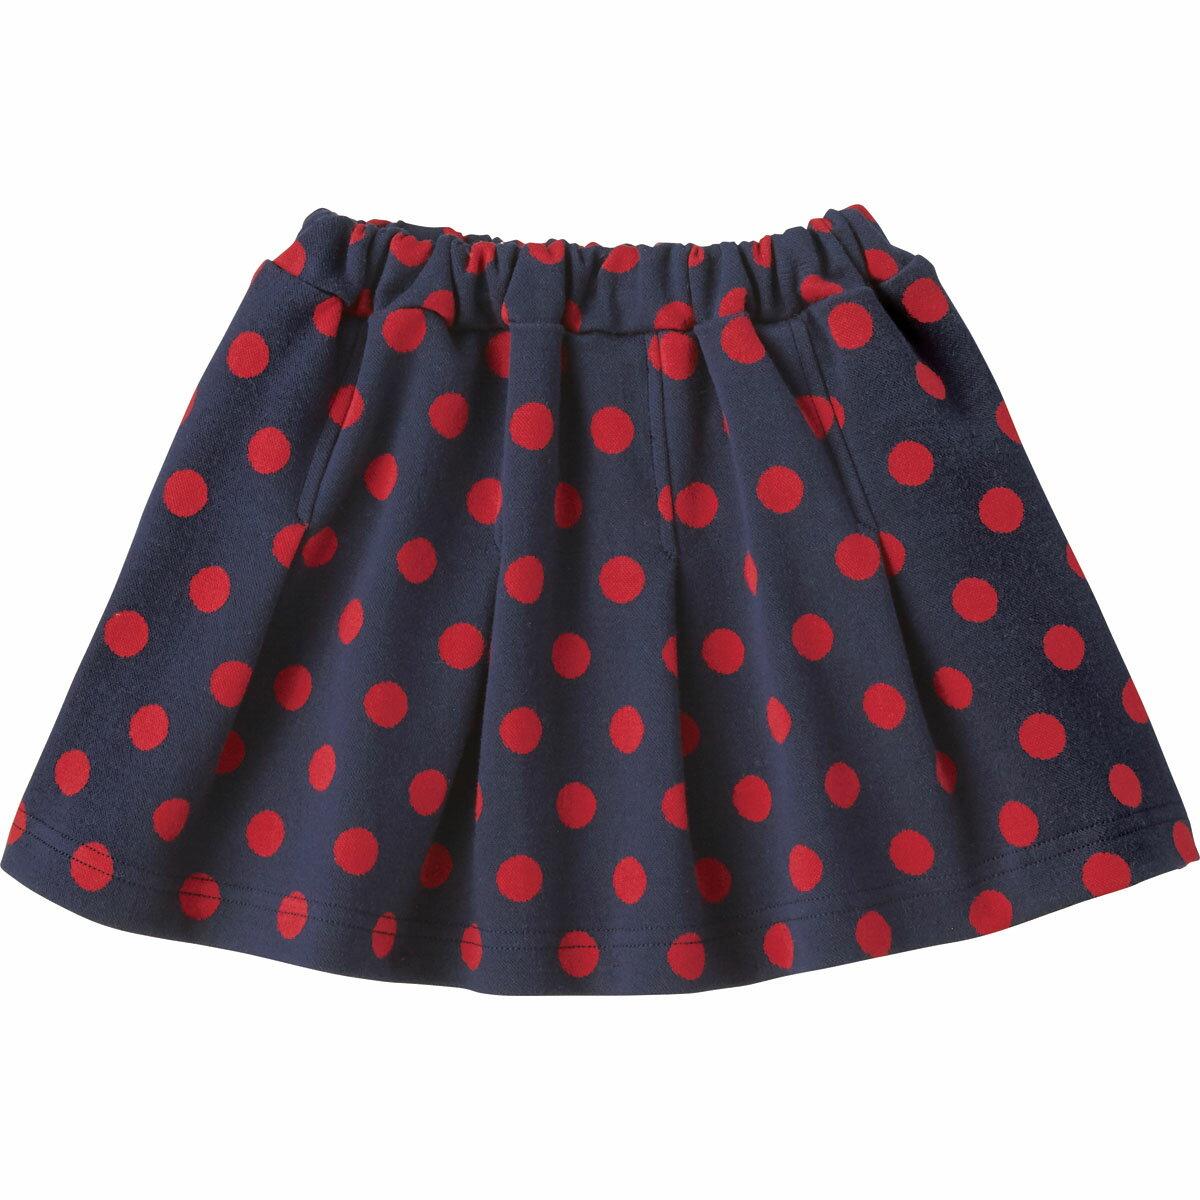 プリーツ スカート(ドット)《コンビミニ》ギフト ベビー服 子供服 Combi mini おでかけ 秋 冬 はおりもの 女の子 スカート_Pup